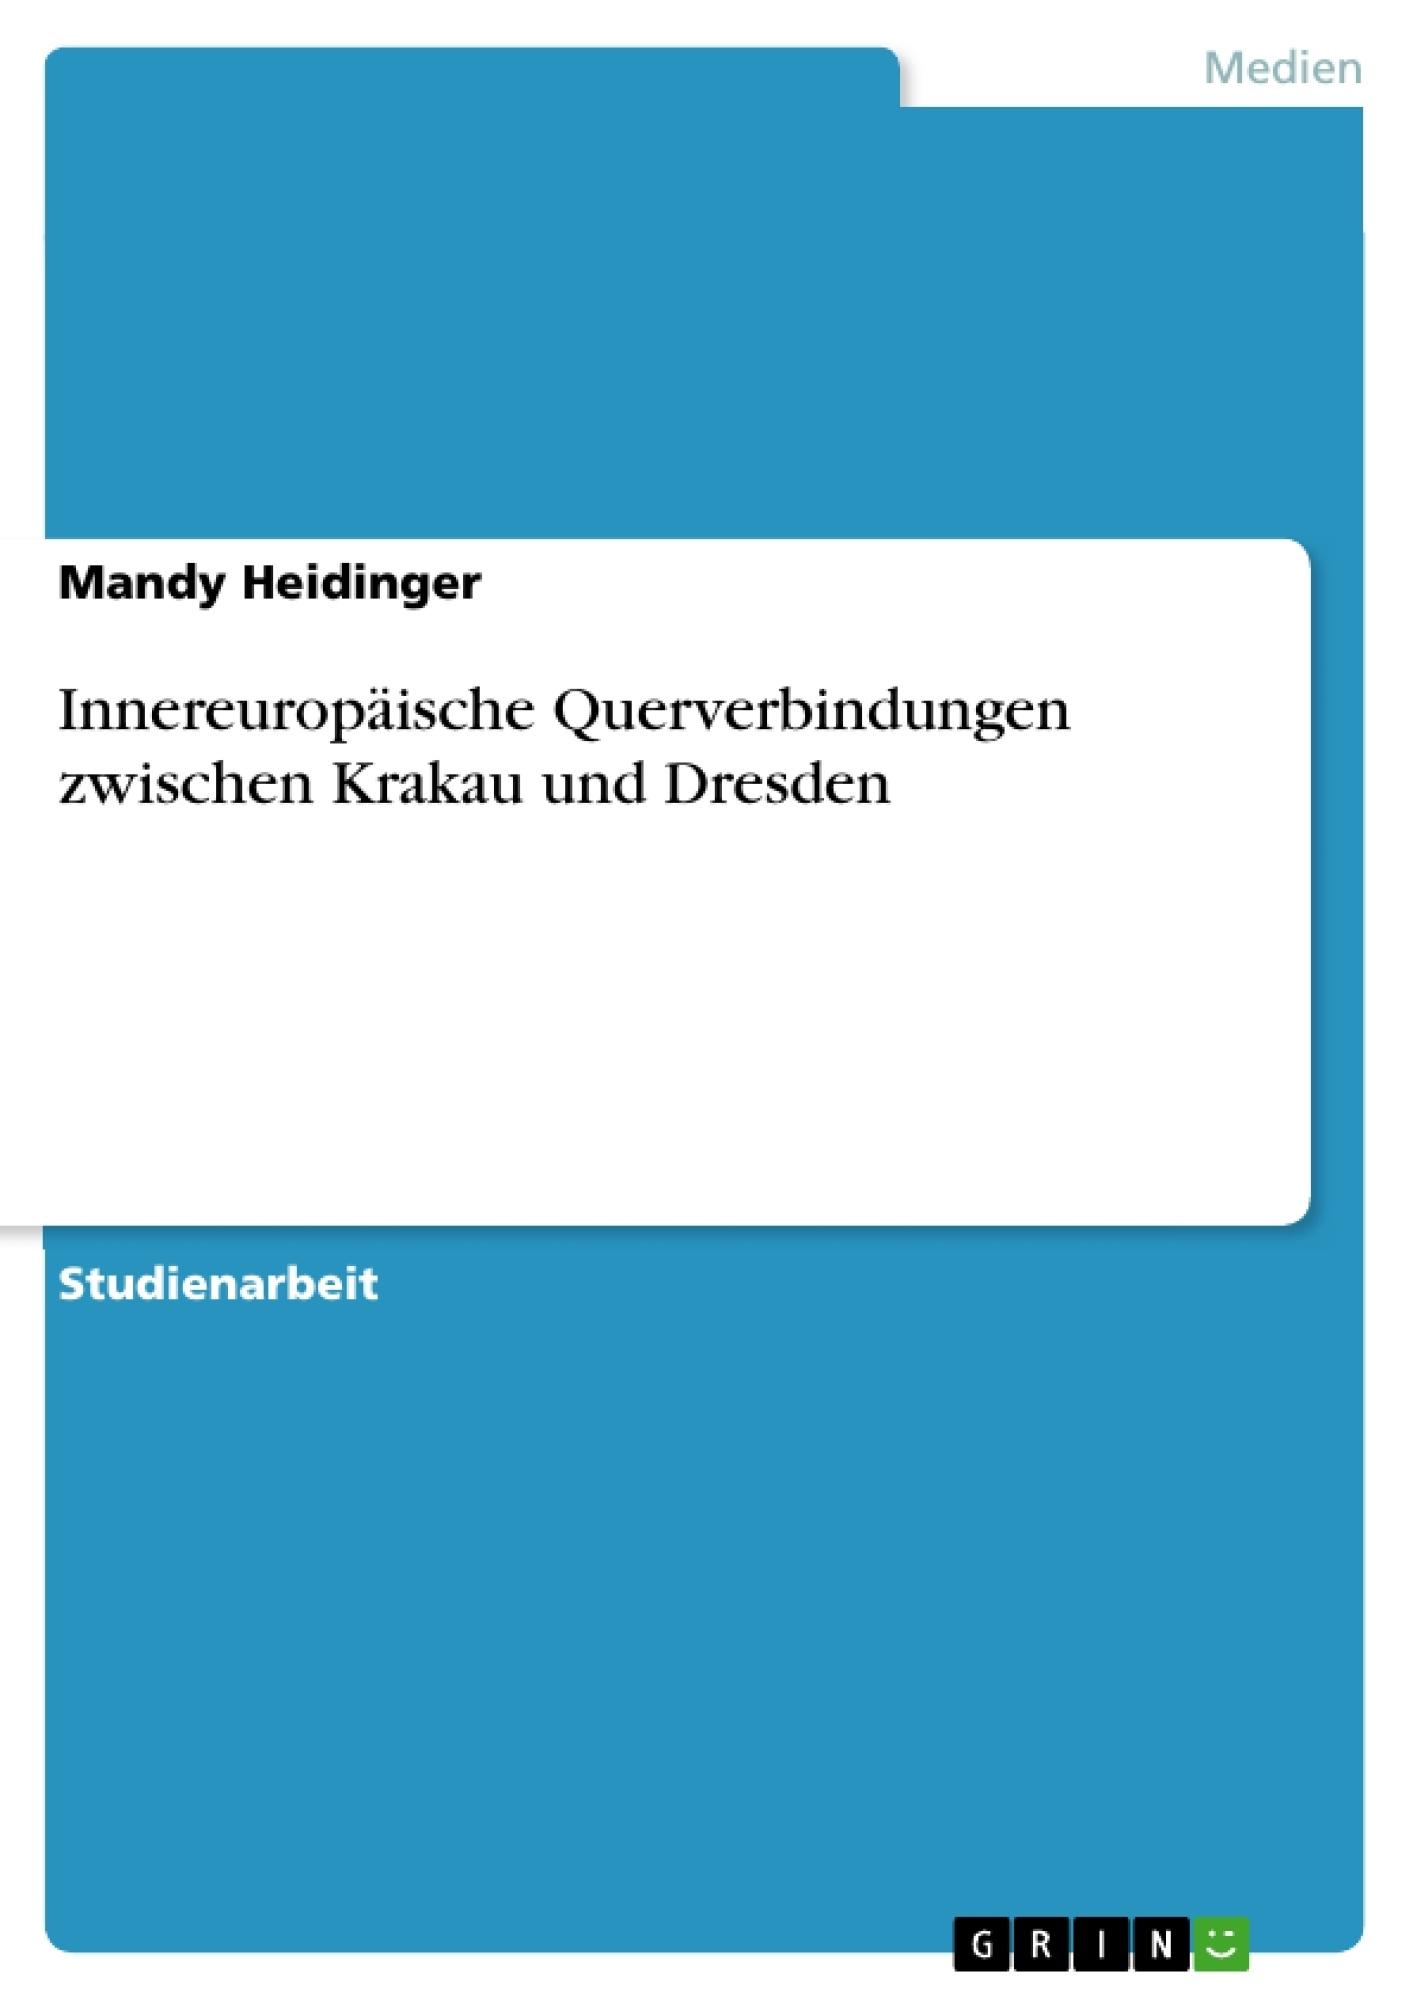 Titel: Innereuropäische Querverbindungen zwischen Krakau und Dresden